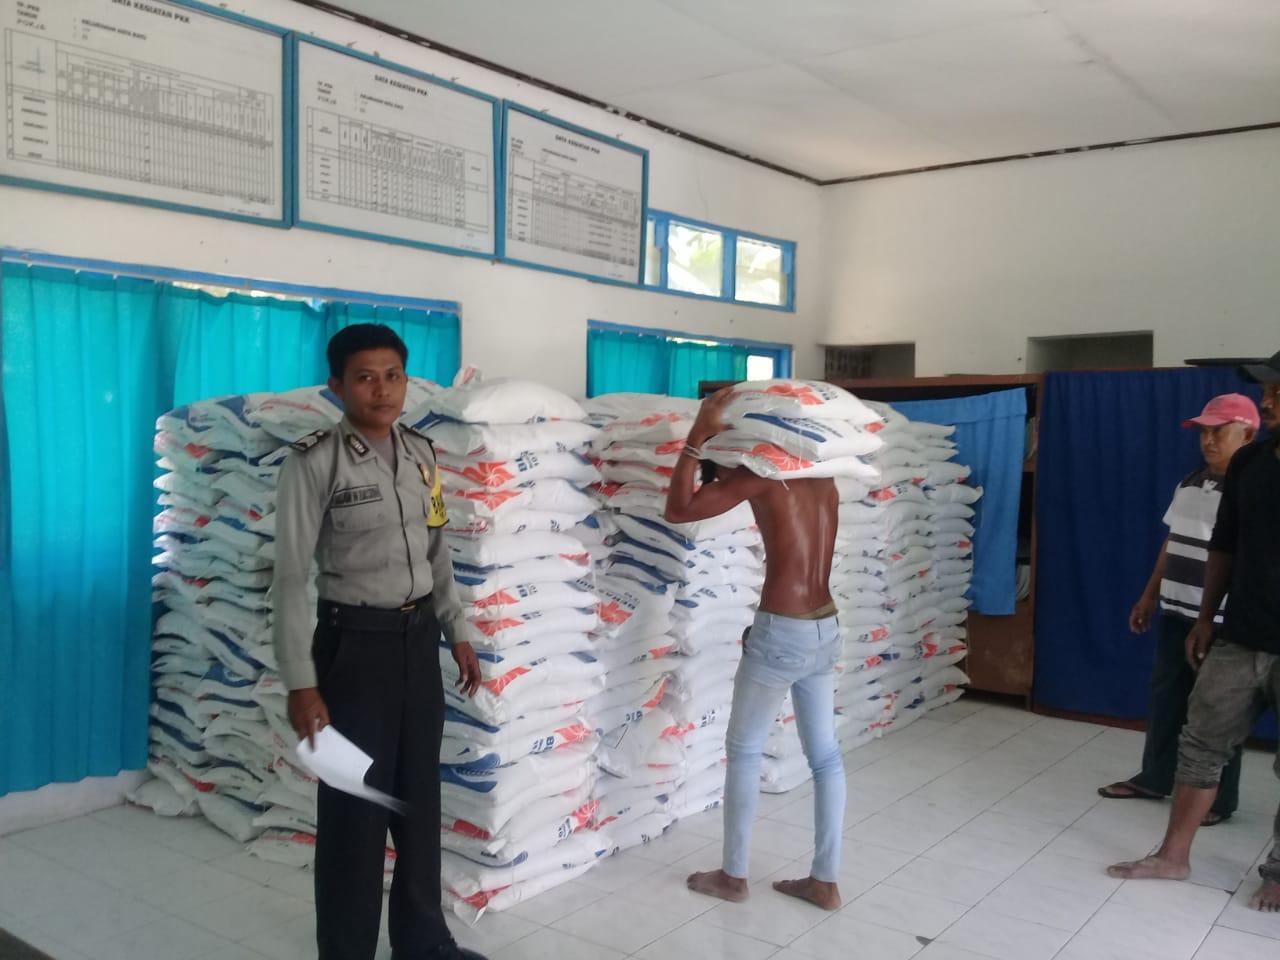 Bhabinkamtibmas Kel. Kotaraja Pengamanan dan Pantau Langsung Distribusi Bansos